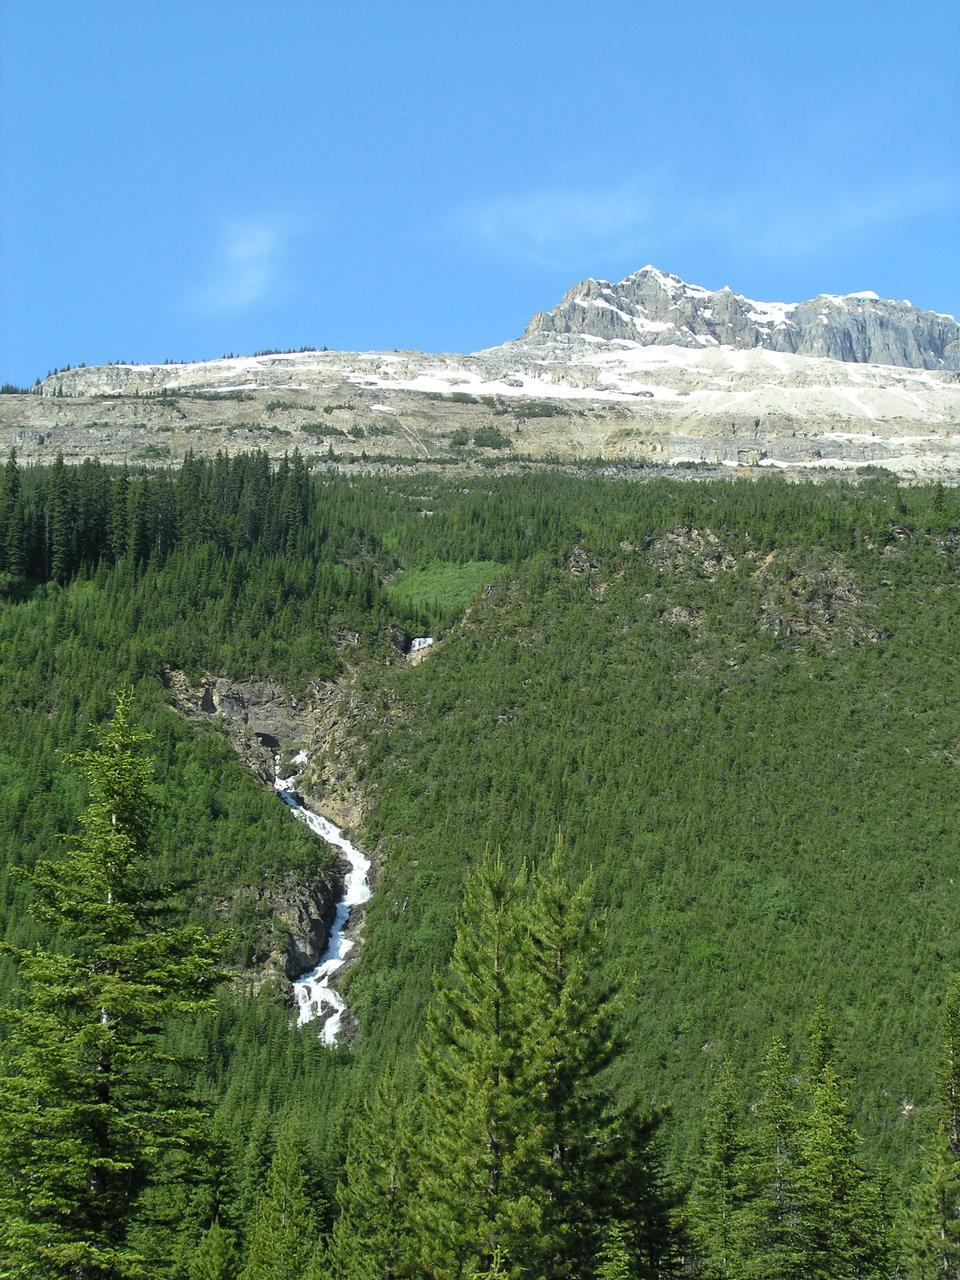 ヨーホー国立公園カナダ